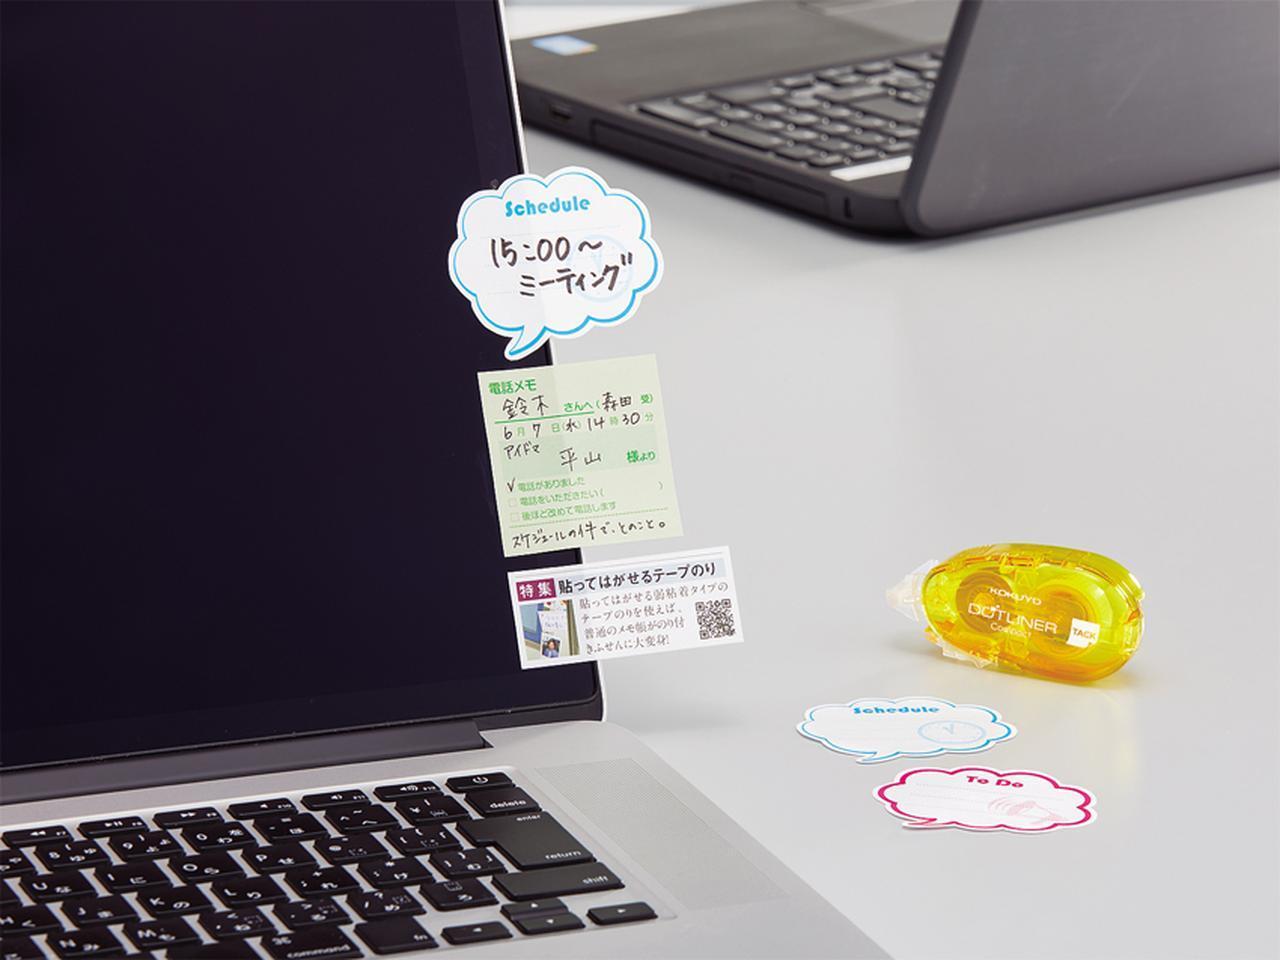 画像: 「貼ってはがせる」を利用すれば、メモ用紙を付箋代わりに使うことができる。とりあえず仮止めしておきたいときにも便利だ。